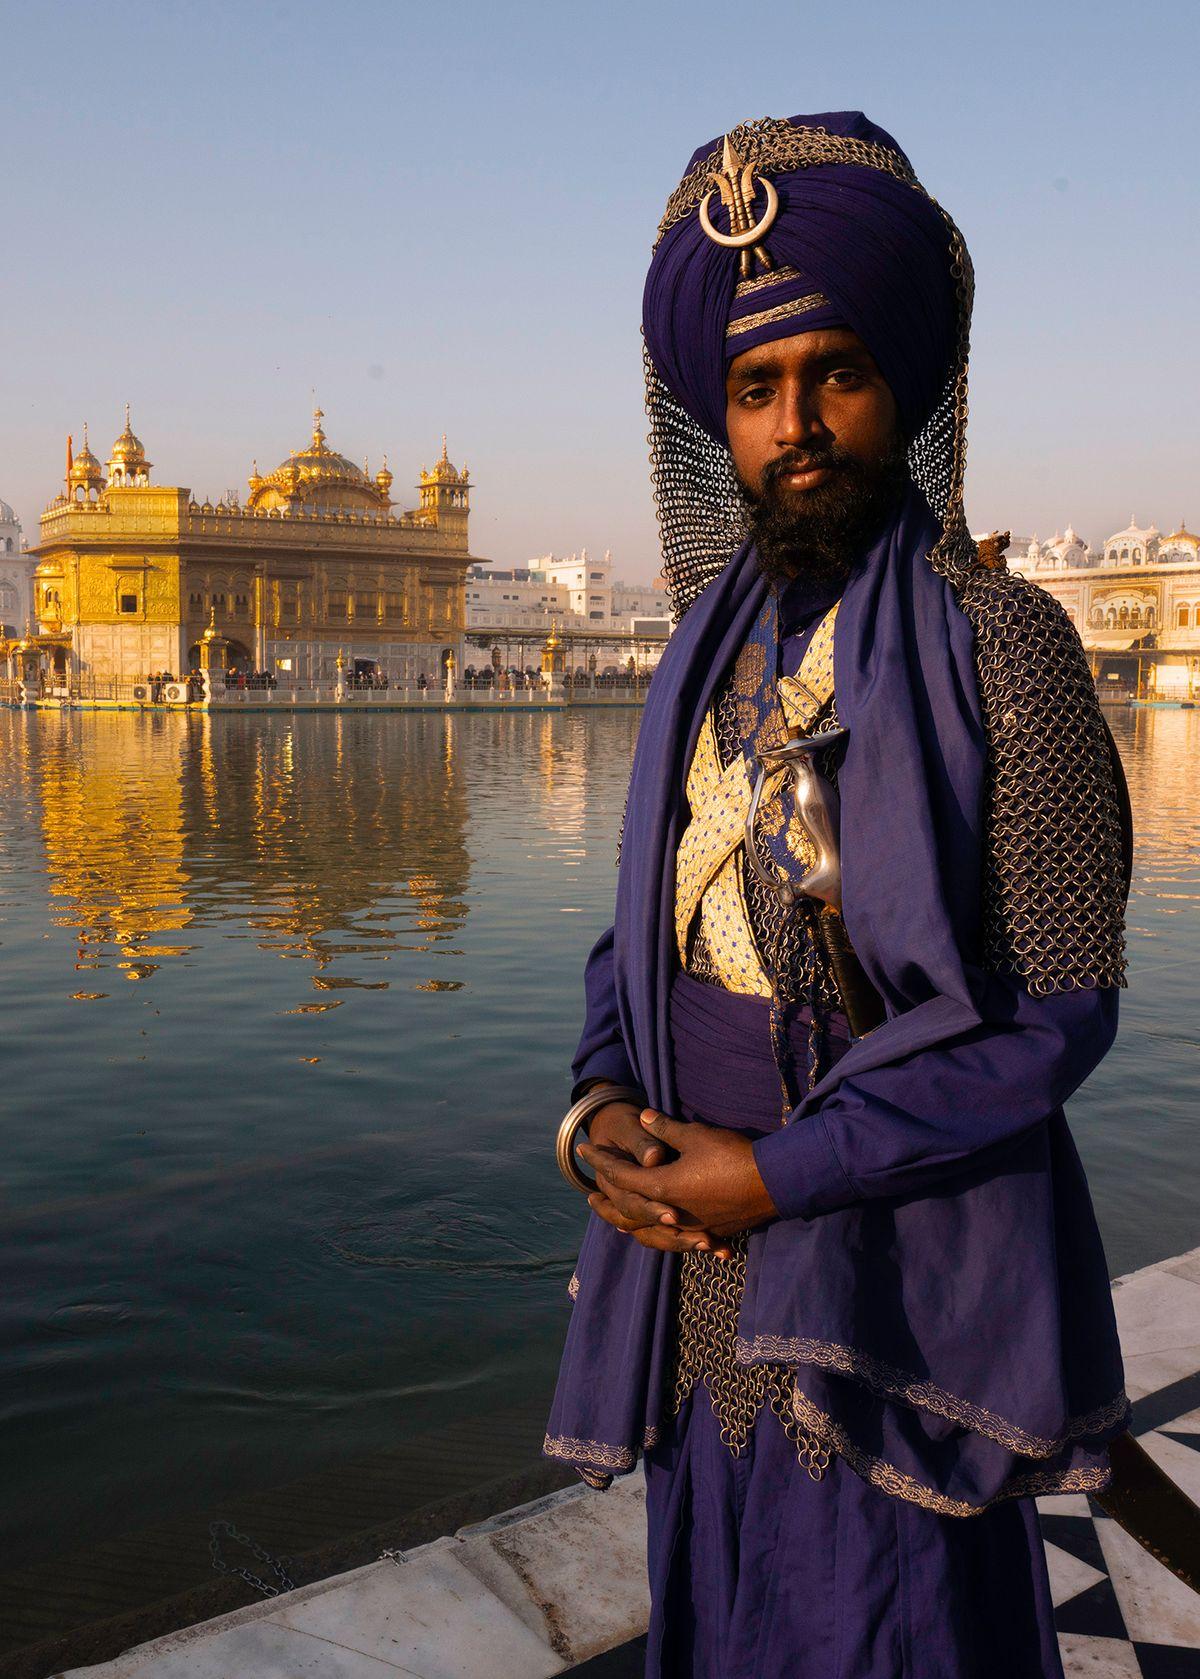 Portrait of a Maharaja